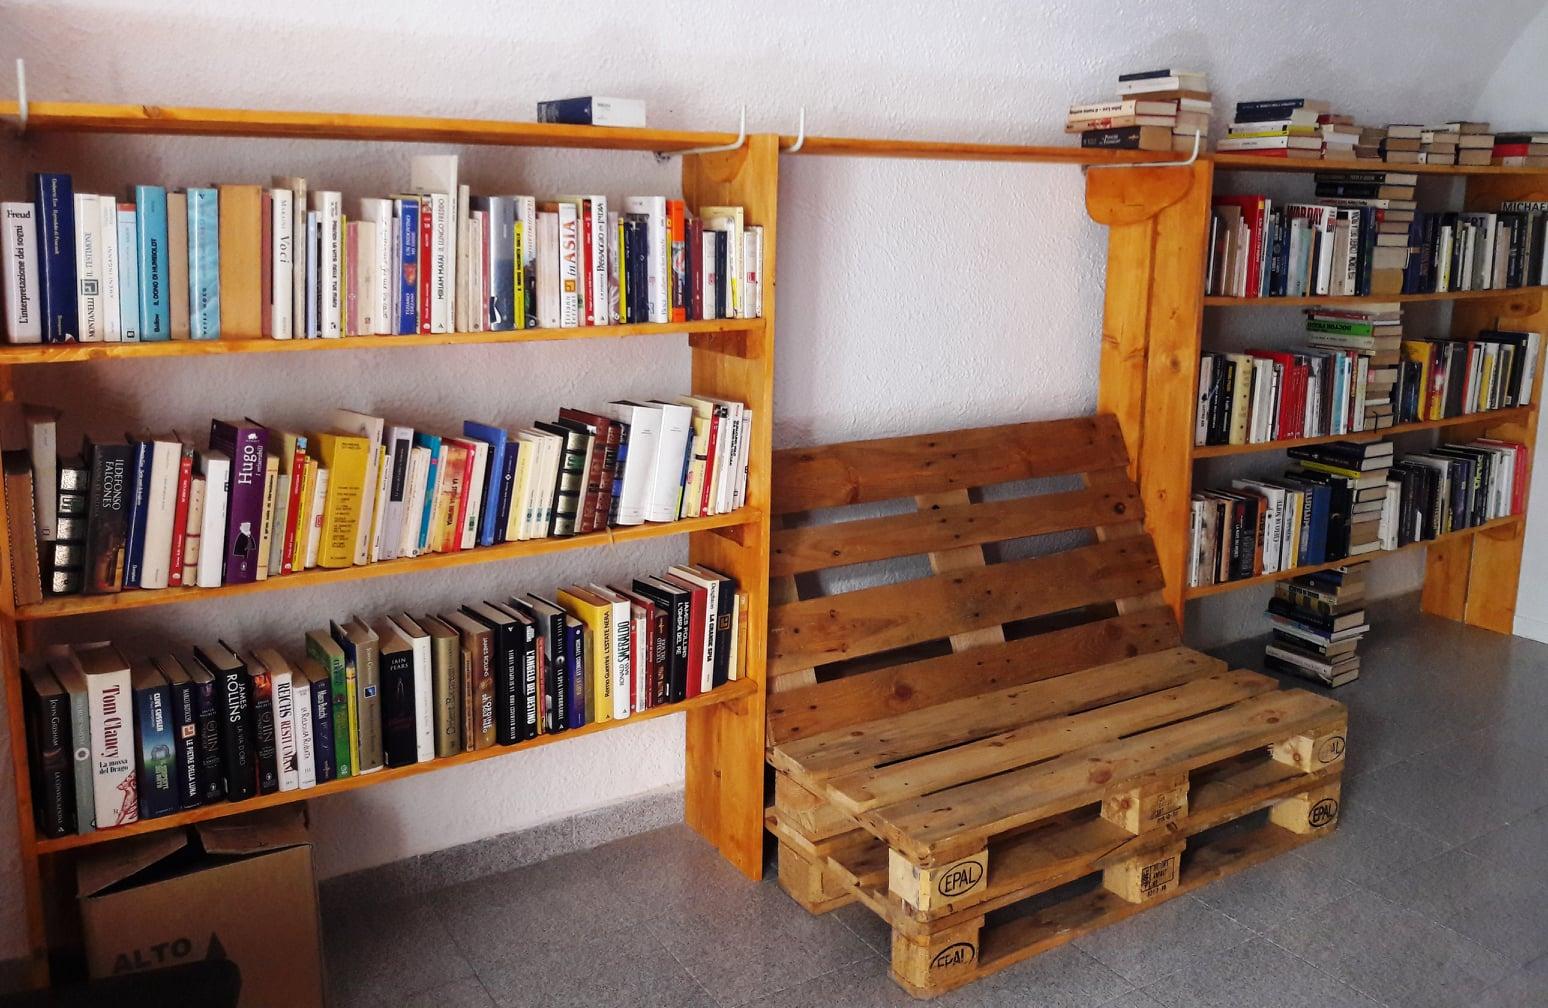 libri bibliotechina biblioteca isola del giglio castello giglionews